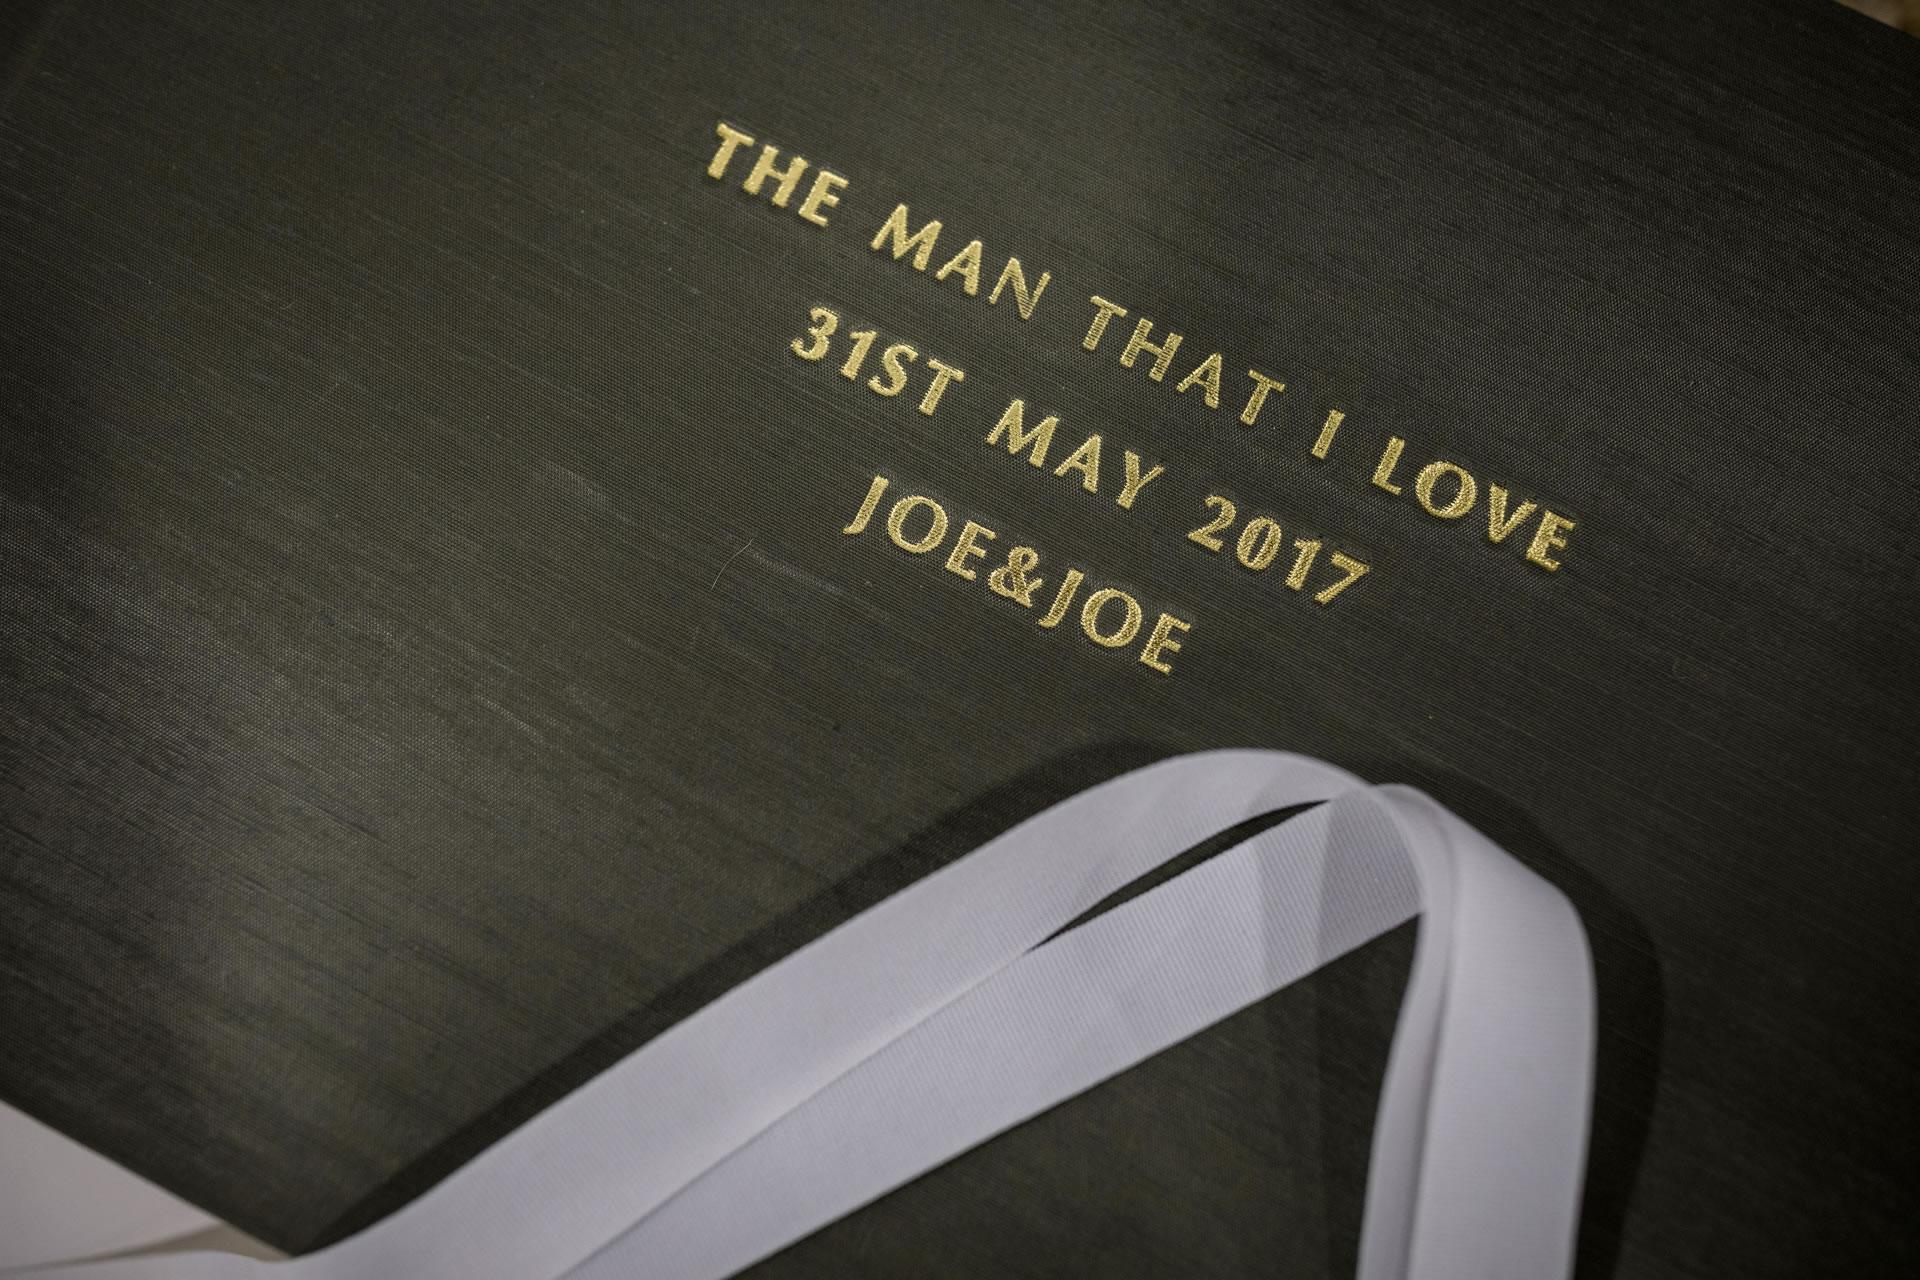 same-sex-love-in-portofino-david-bastianoni-photographer-00041 - 41 :: Wedding in Portofino // WPPI 2018 // The man that I love :: Luxury wedding photography - 40 :: same-sex-love-in-portofino-david-bastianoni-photographer-00041 - 41